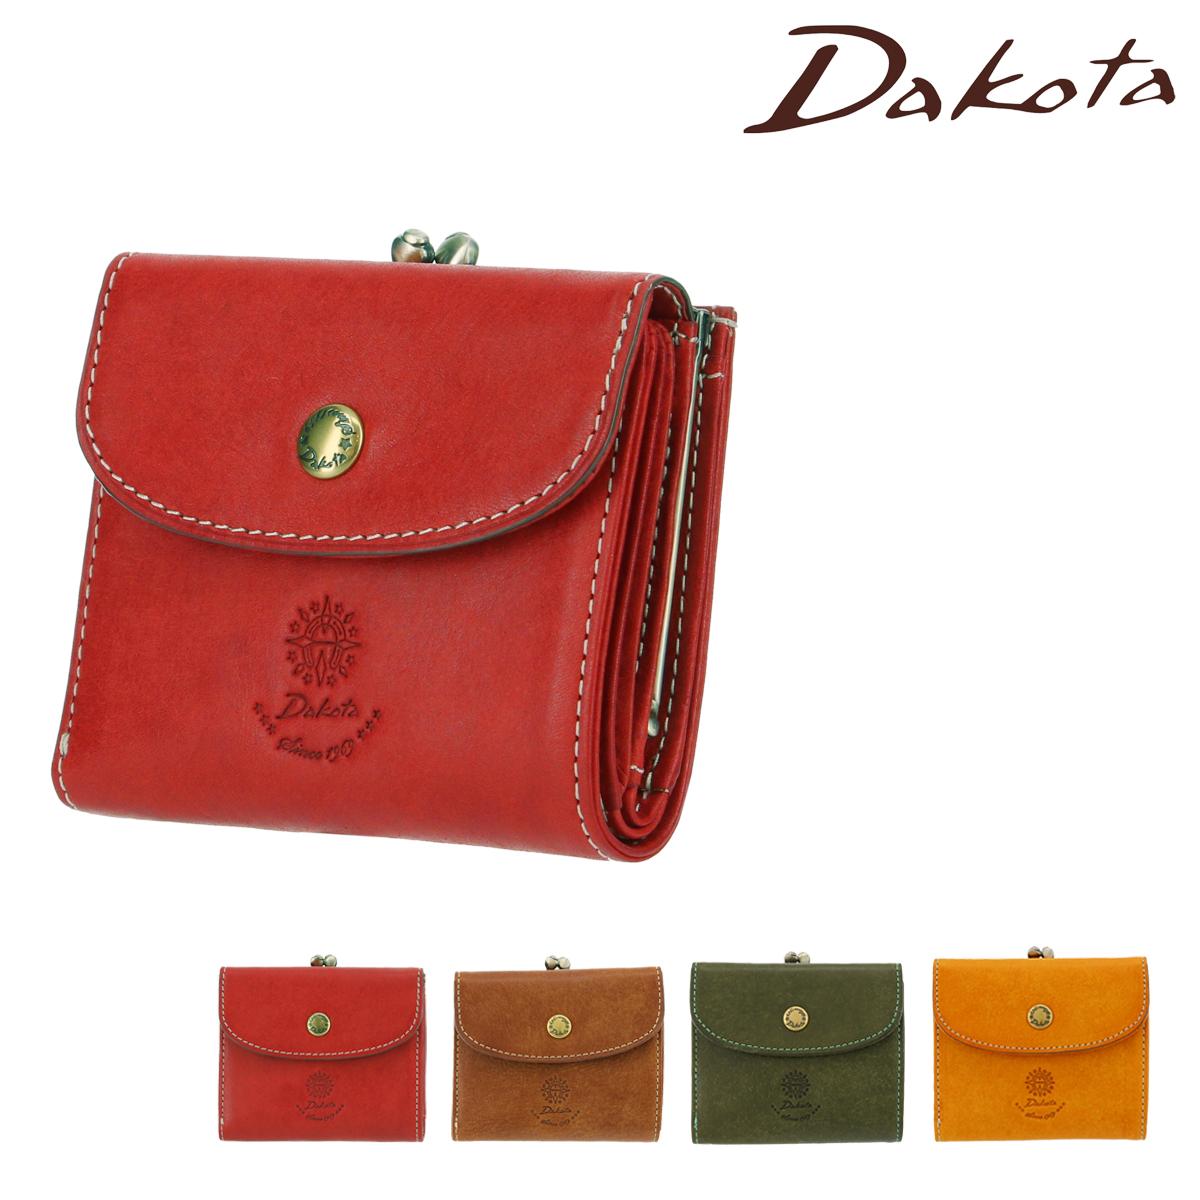 ダコタ 二つ折り財布 がま口 本革 レザー コラッジョ レディース 0036441 Dakota | ミニ財布 牛革[即日発送]